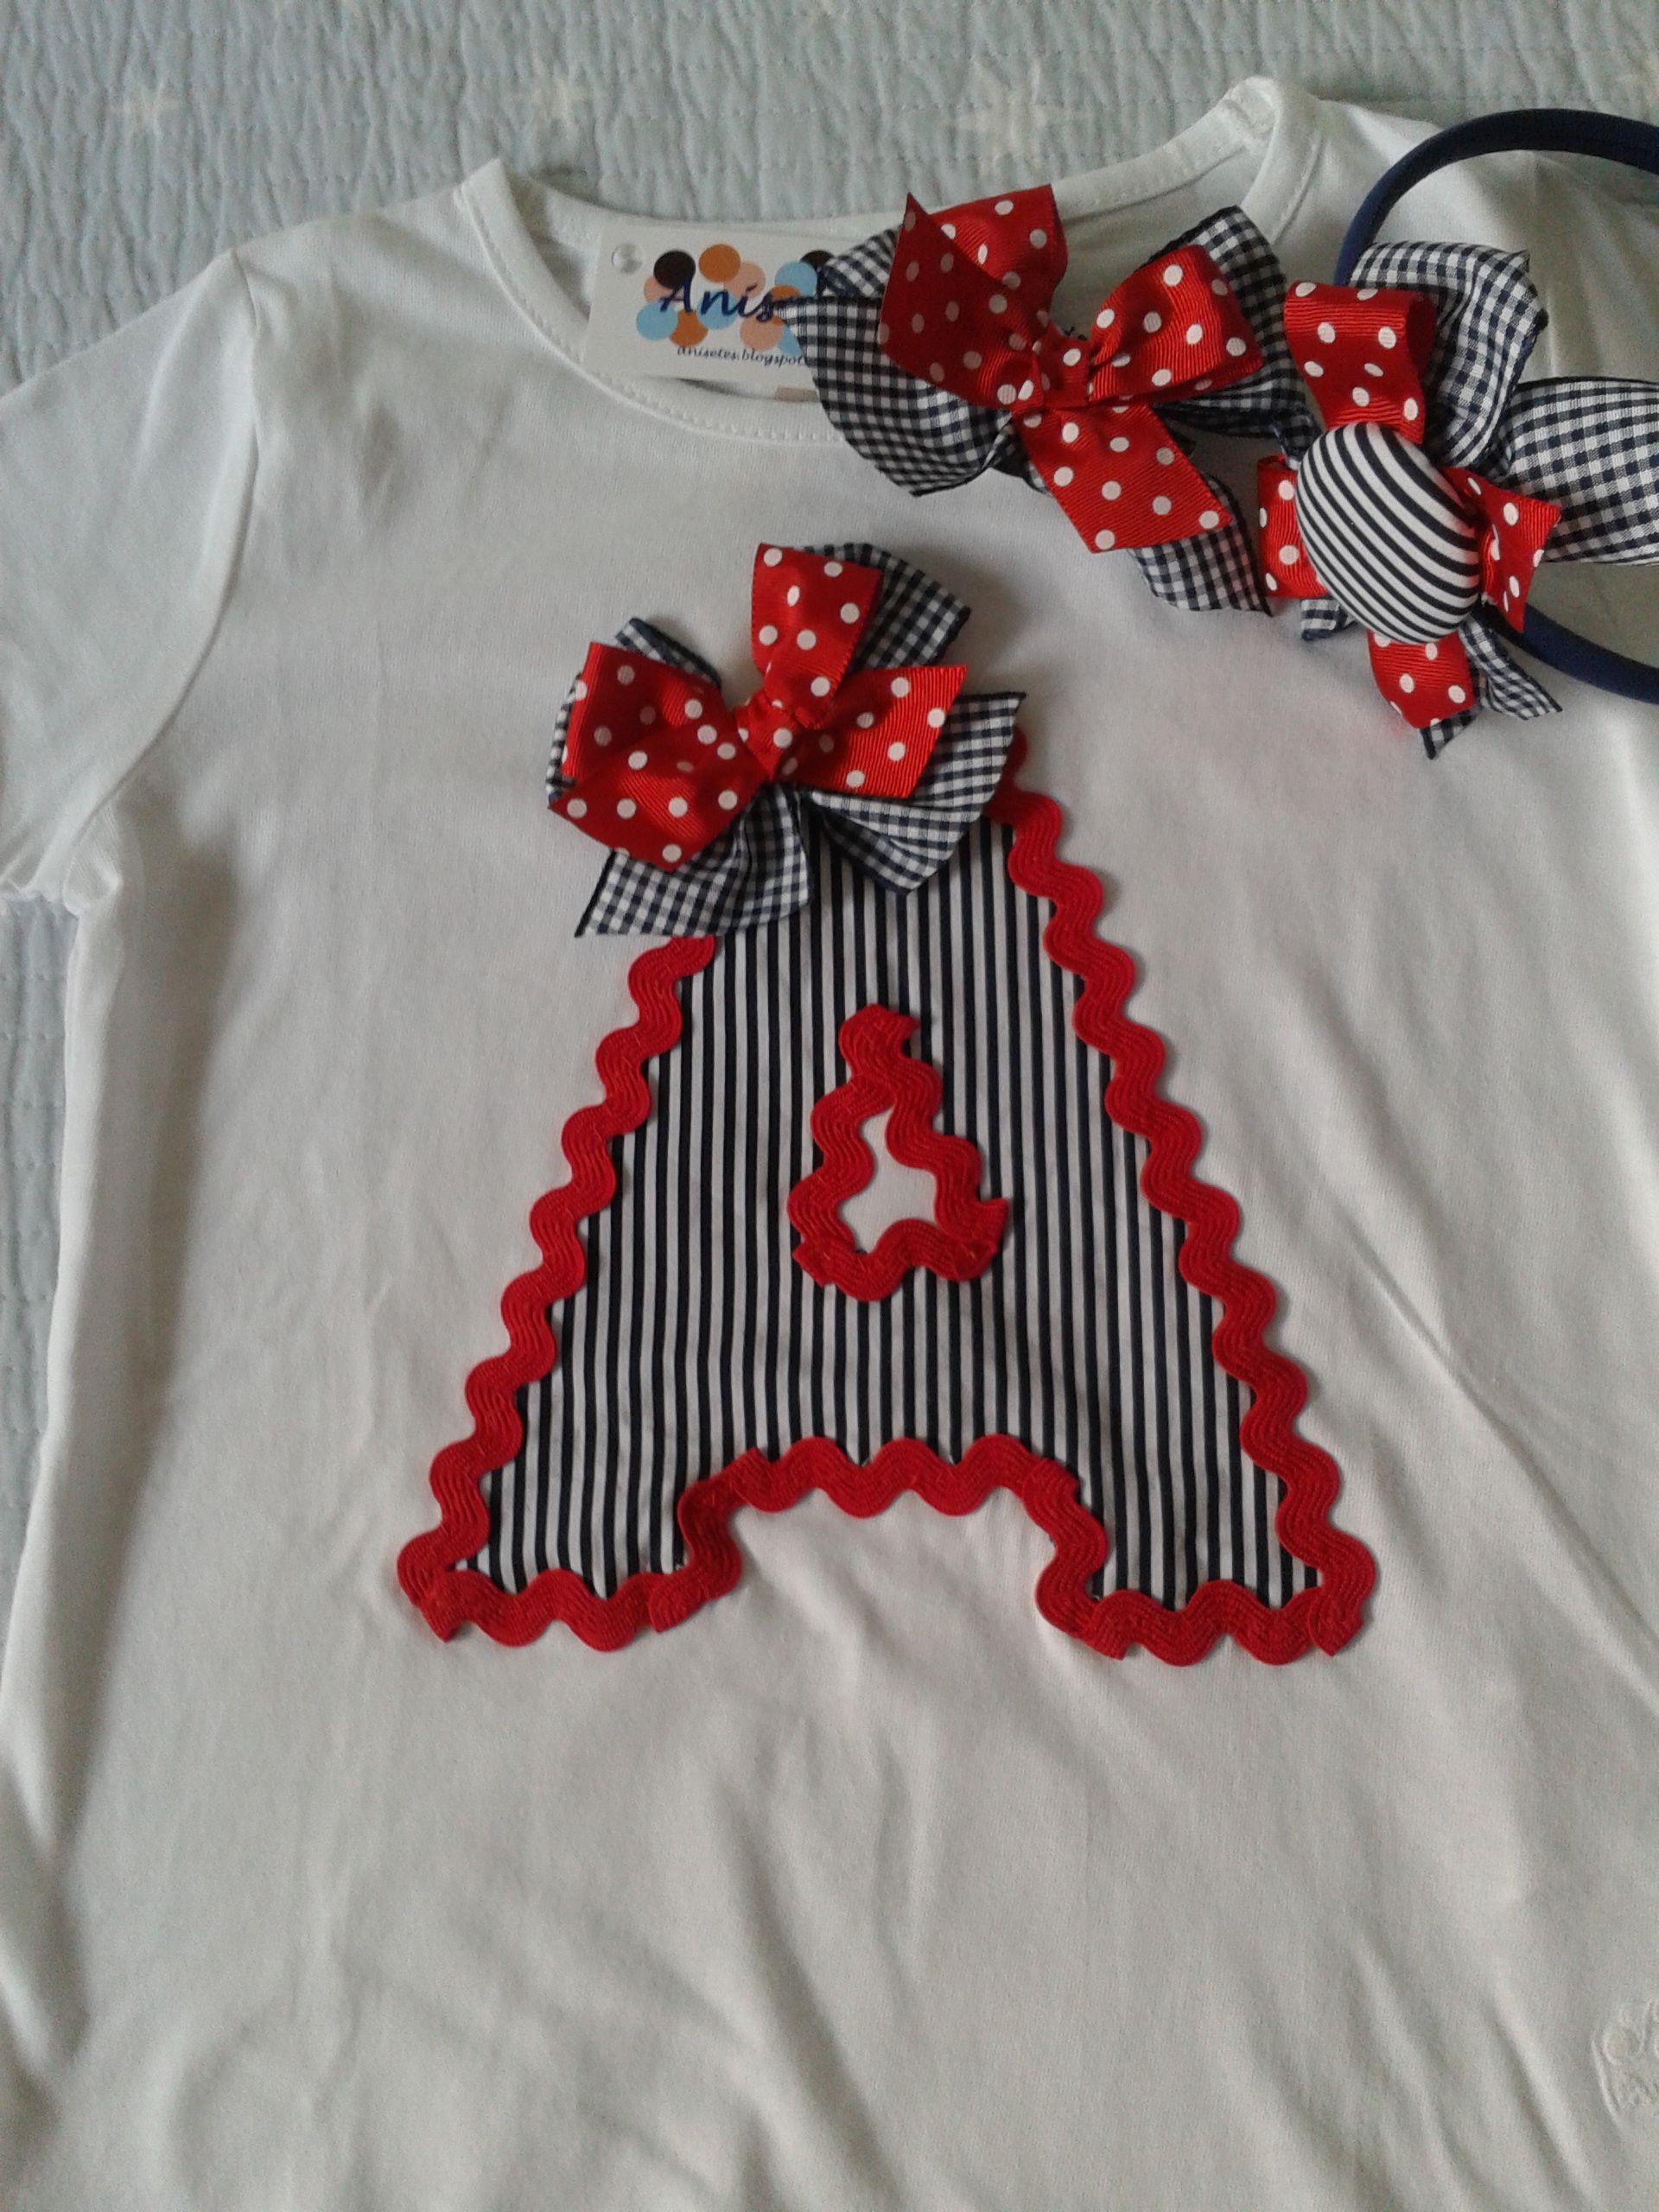 Camiseta Con Inicial En Marino Y Rojo Otros Pinterest  ~ Ideas Para Decorar Camisetas Infantiles